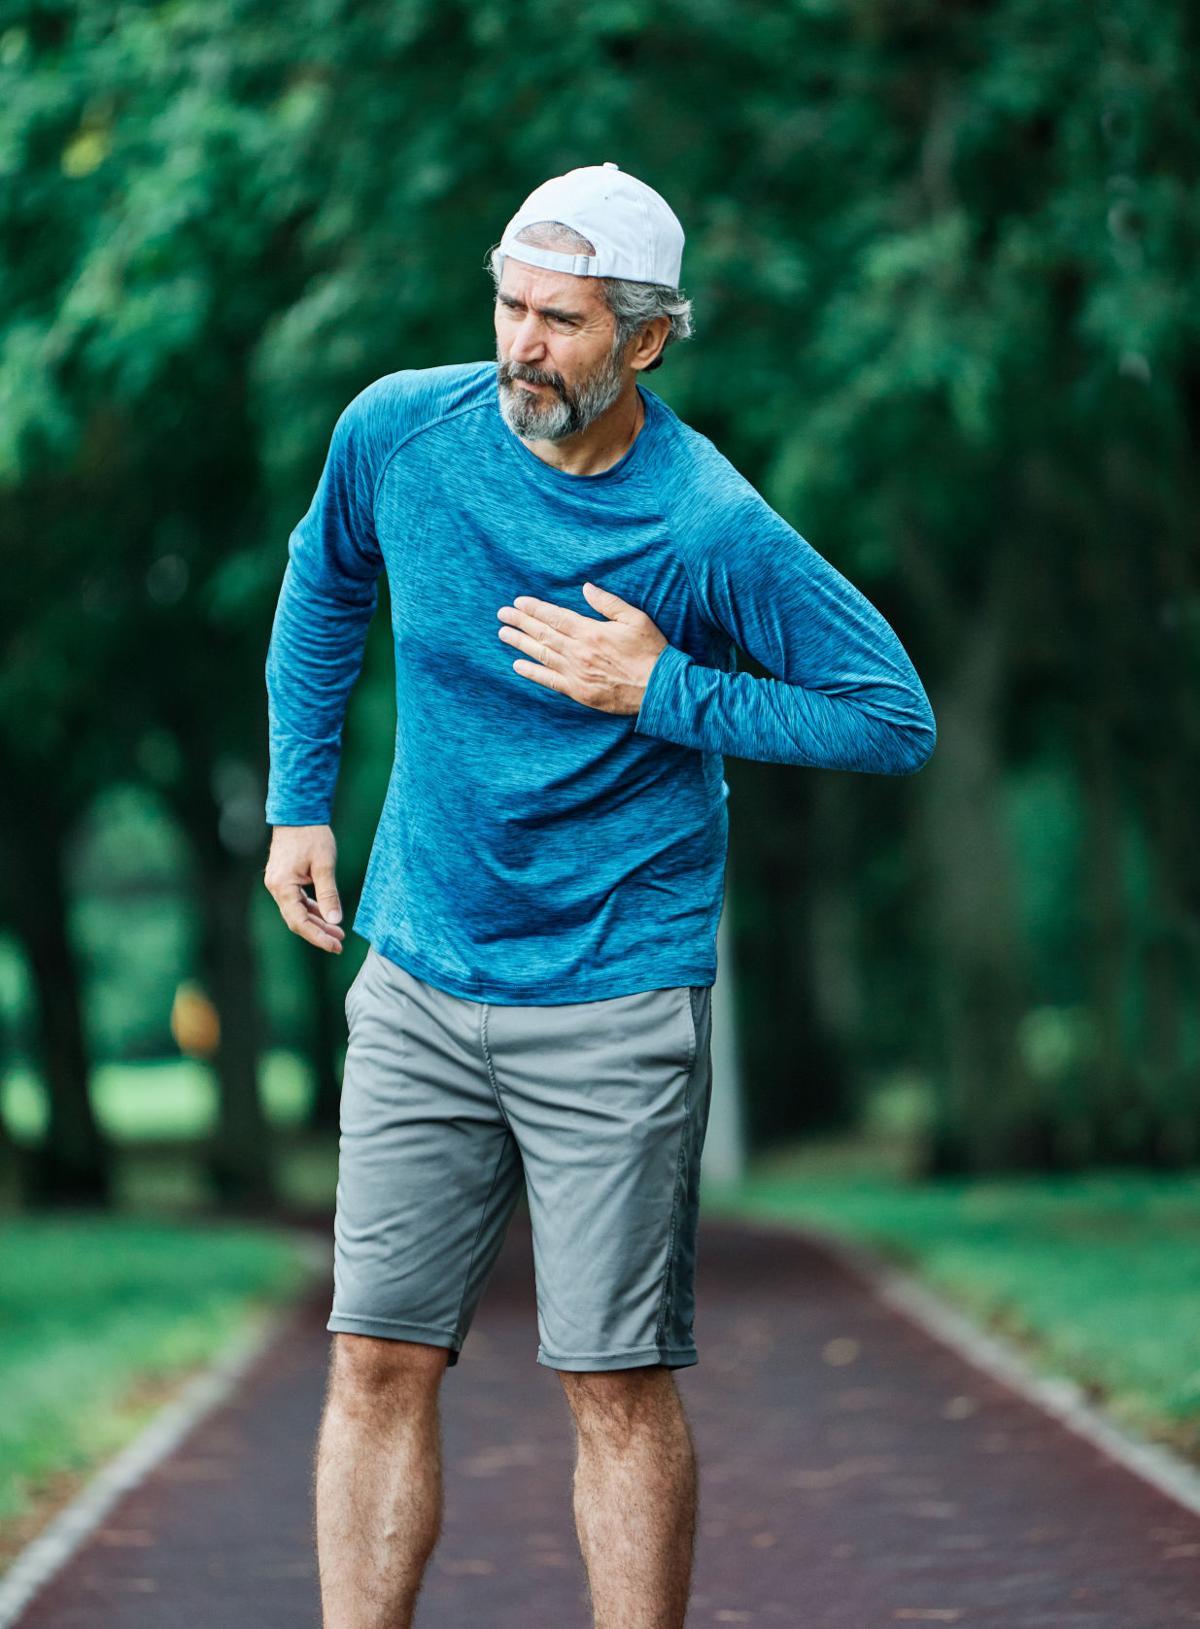 senior man running exercising sport fitness chest pain heart attack